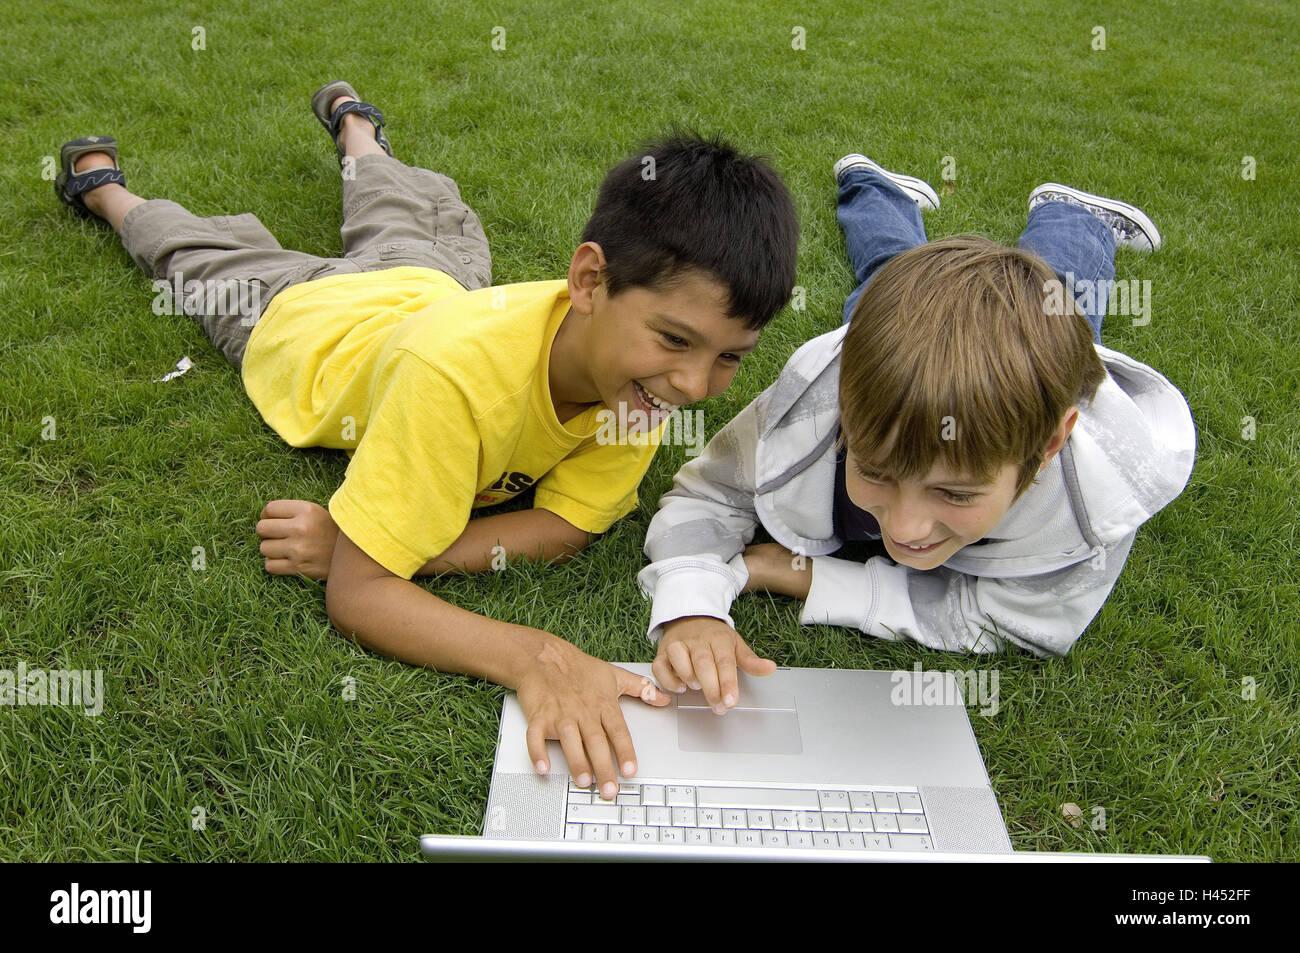 Boys, two, turfs, lie, play laptop, fun, model released, people, children, friends, learn, outside, meadow, park, - Stock Image